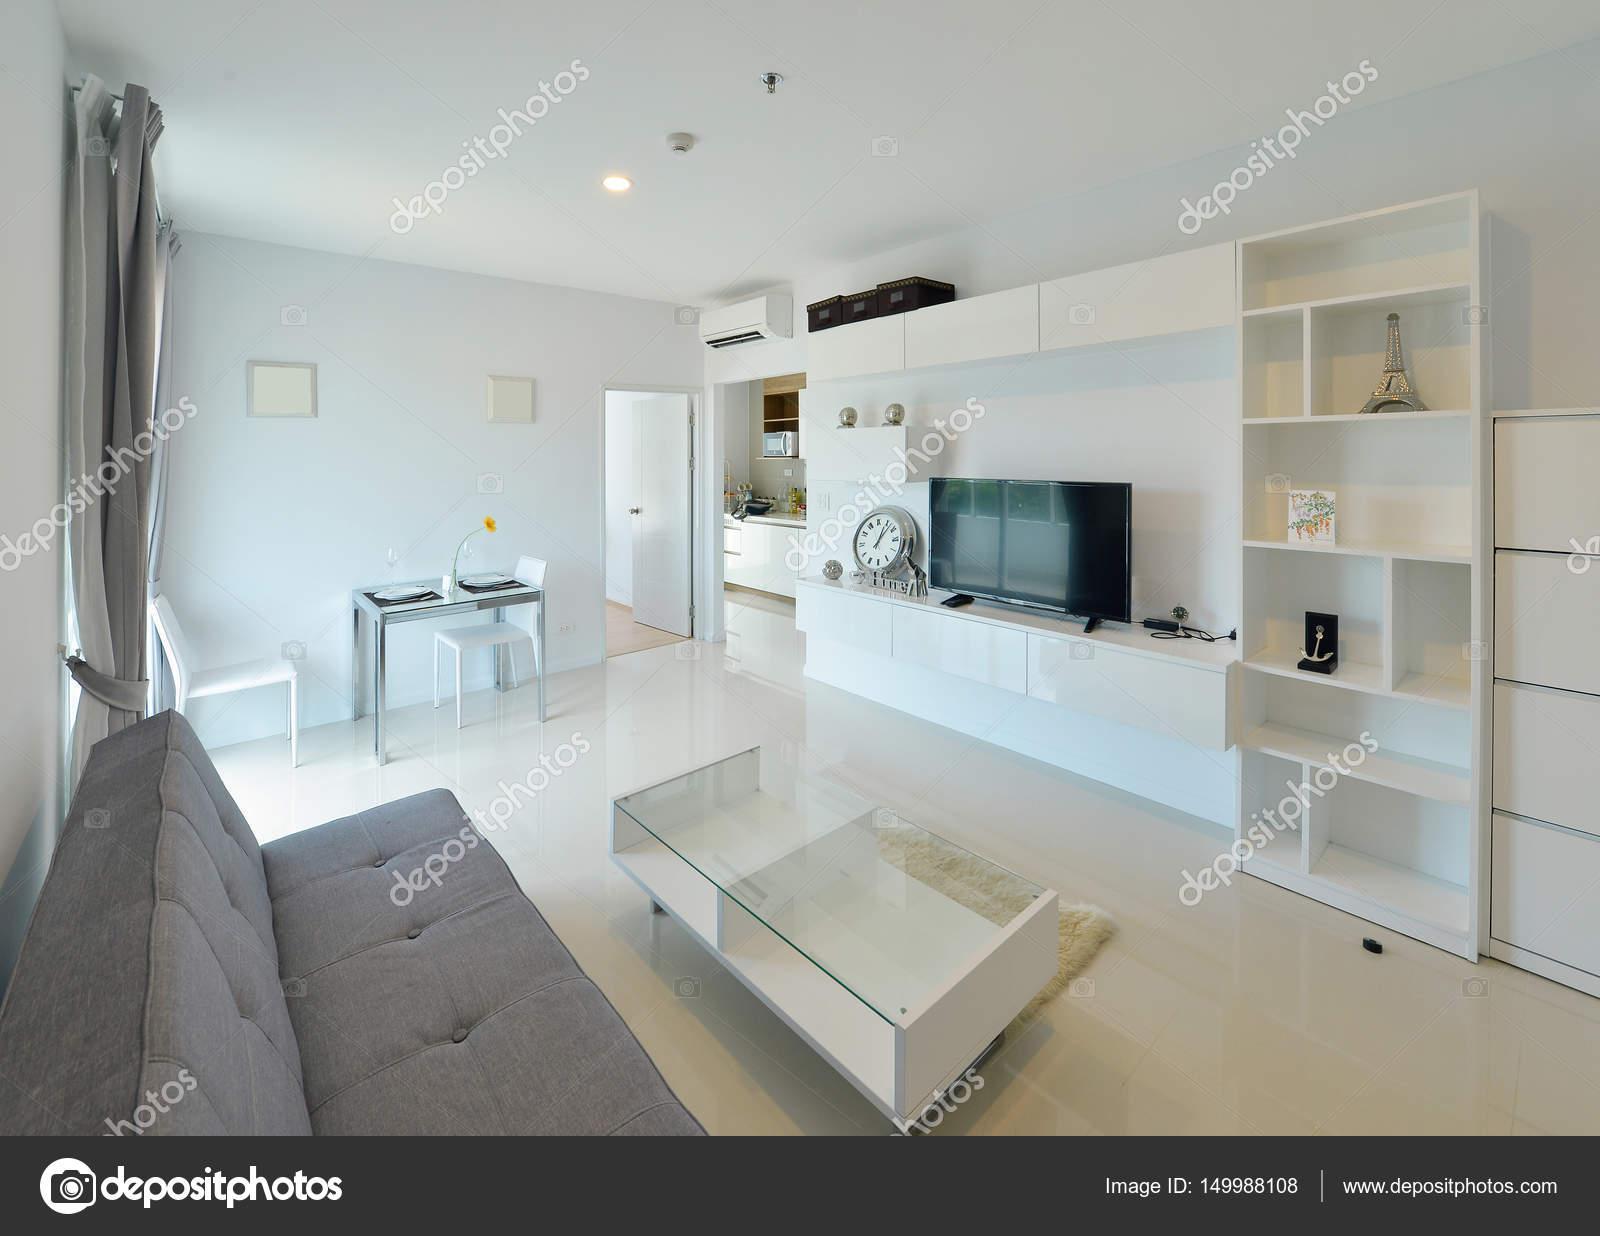 Modern Wohnen Dekoration : Weiße luxus modernes wohnen interieur und dekoration